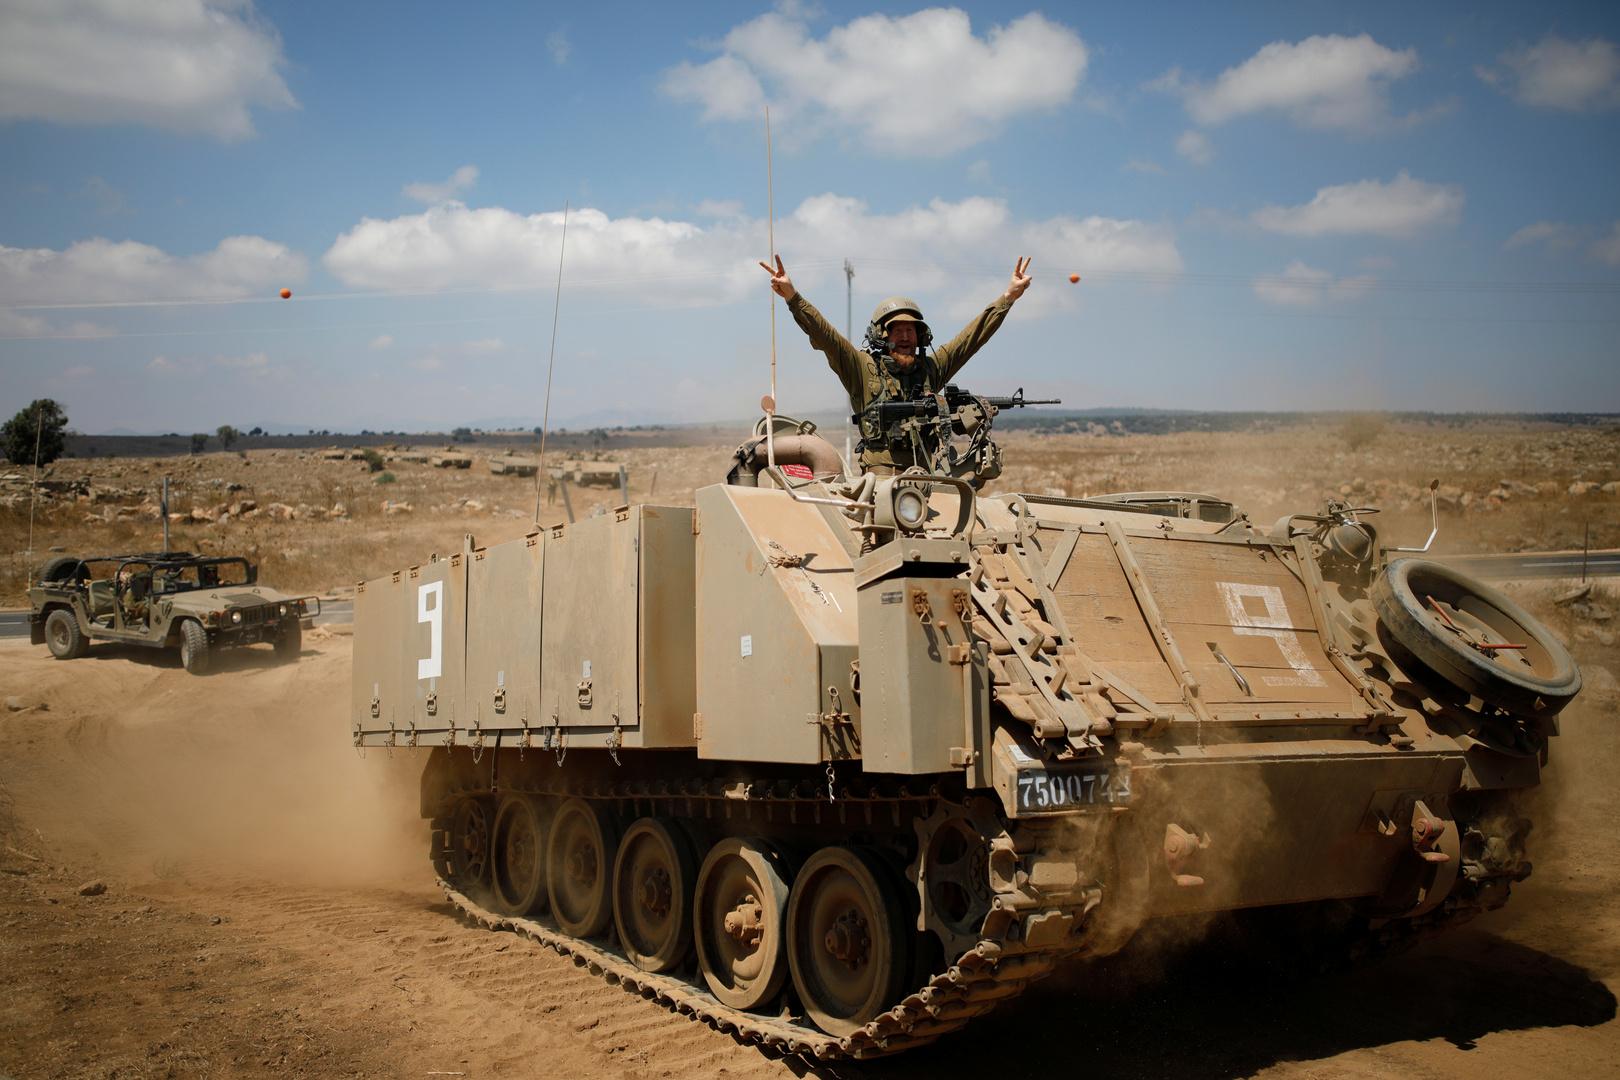 مناورات جوية إسرائيلية أمريكية مشتركة دون لقاءات أرضية!